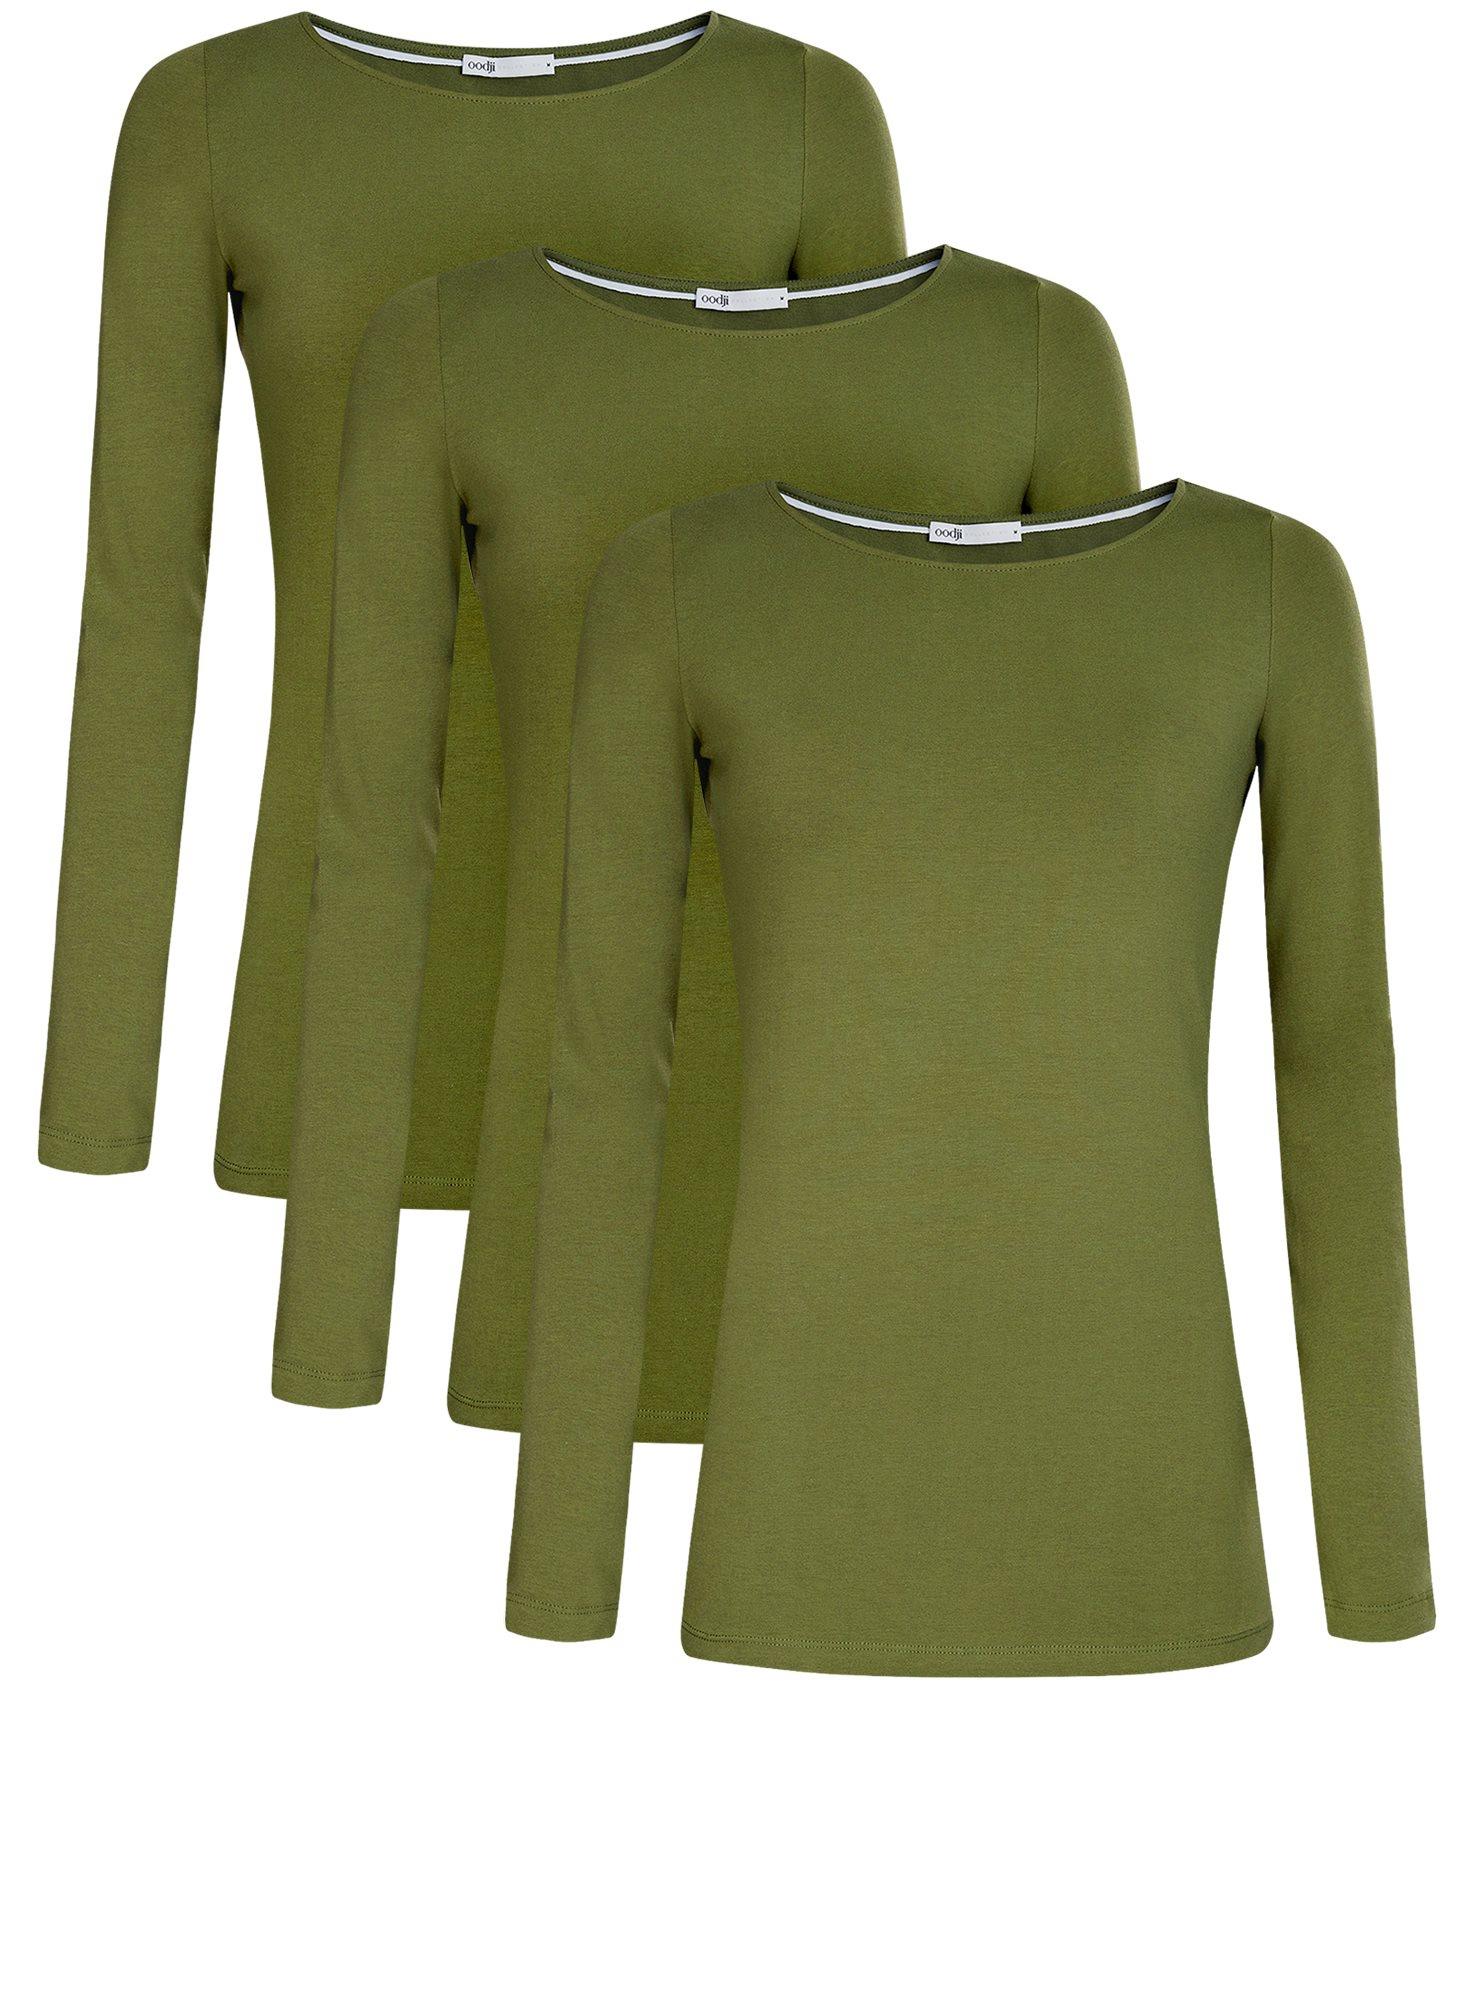 Футболка с длинным рукавом (комплект из 3 штук) oodji для женщины (зеленый), 24201007T3/46147/6900N